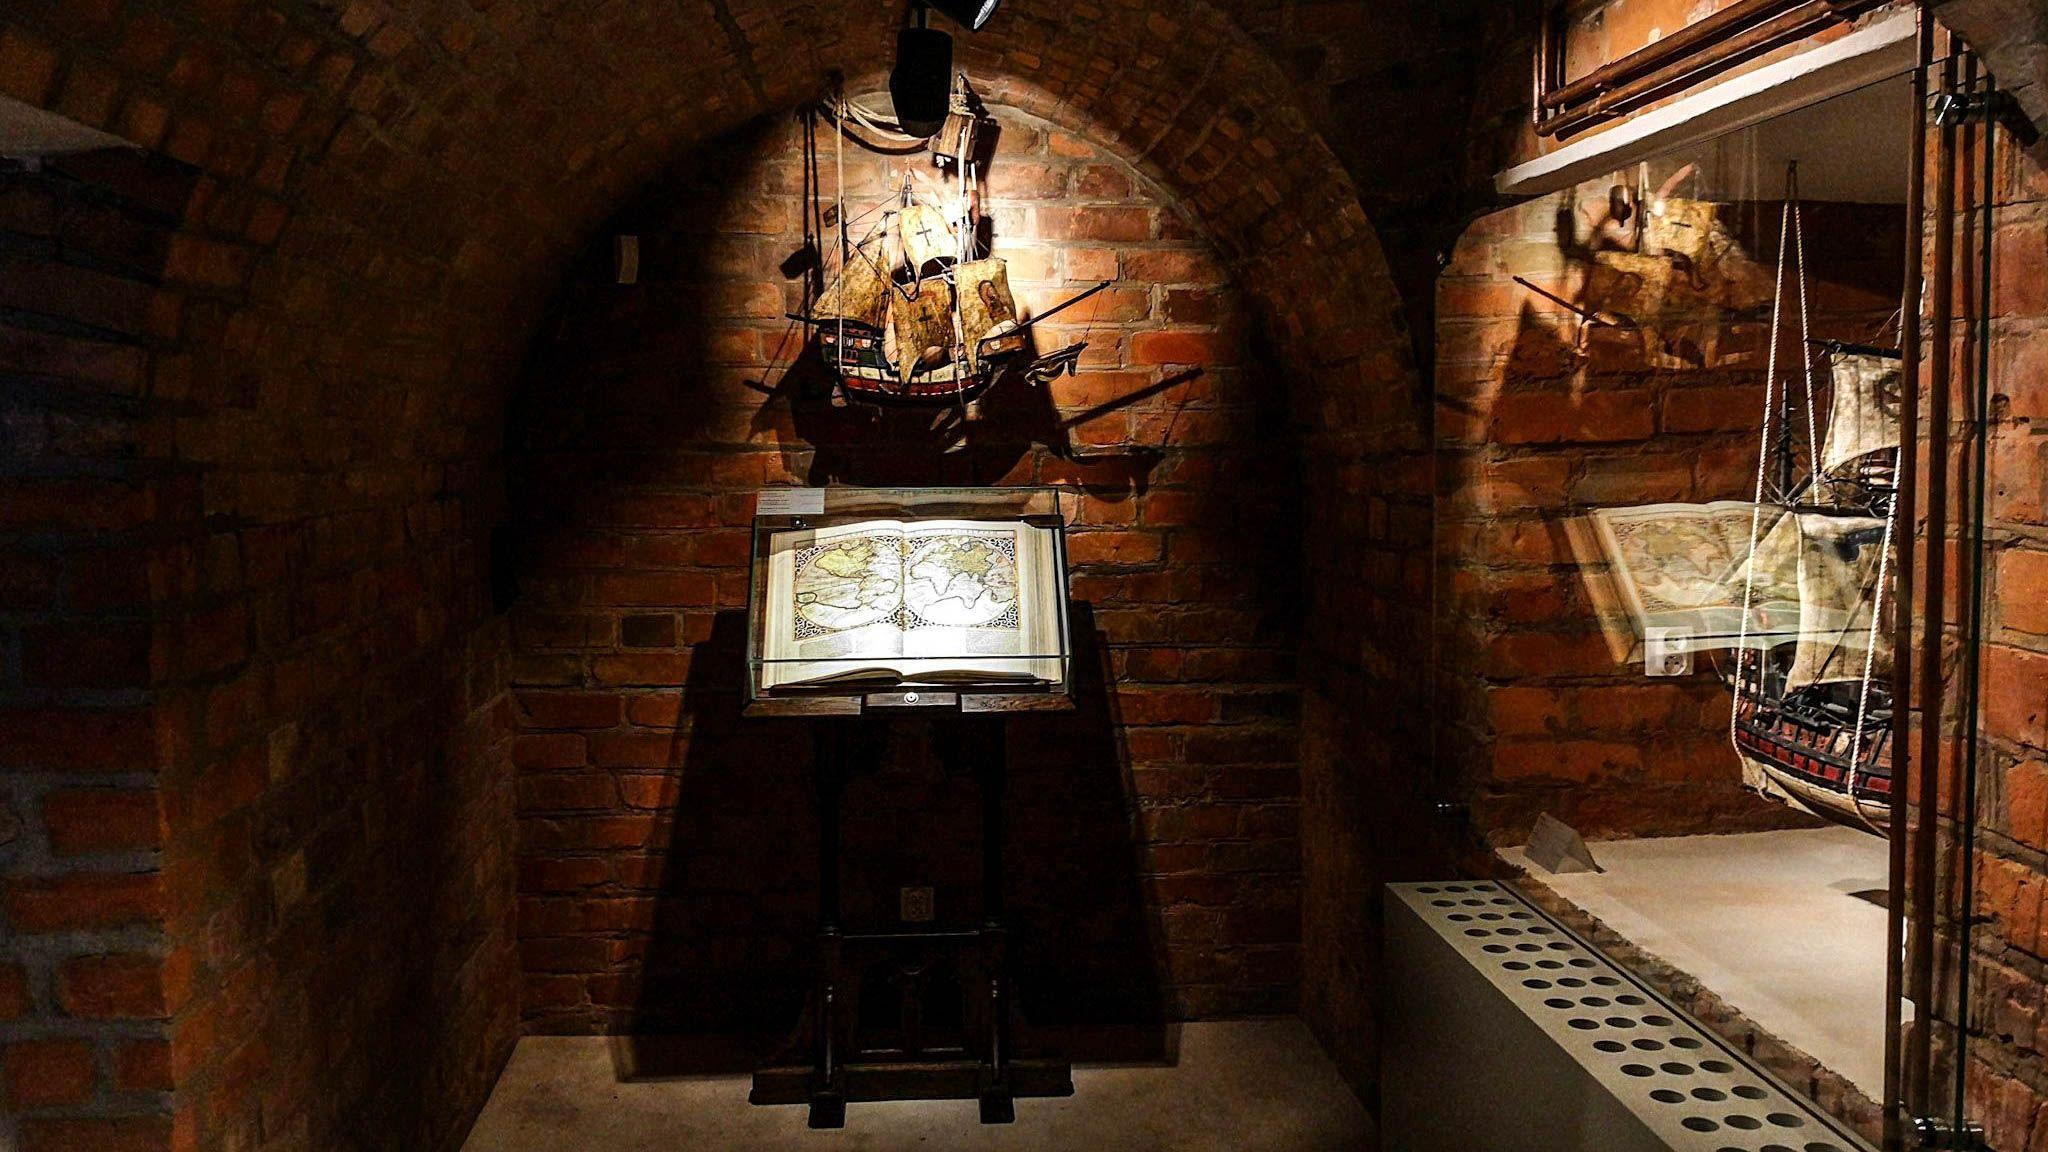 Stara księga na ekspozycji w Domu Mikołaja Kopernika